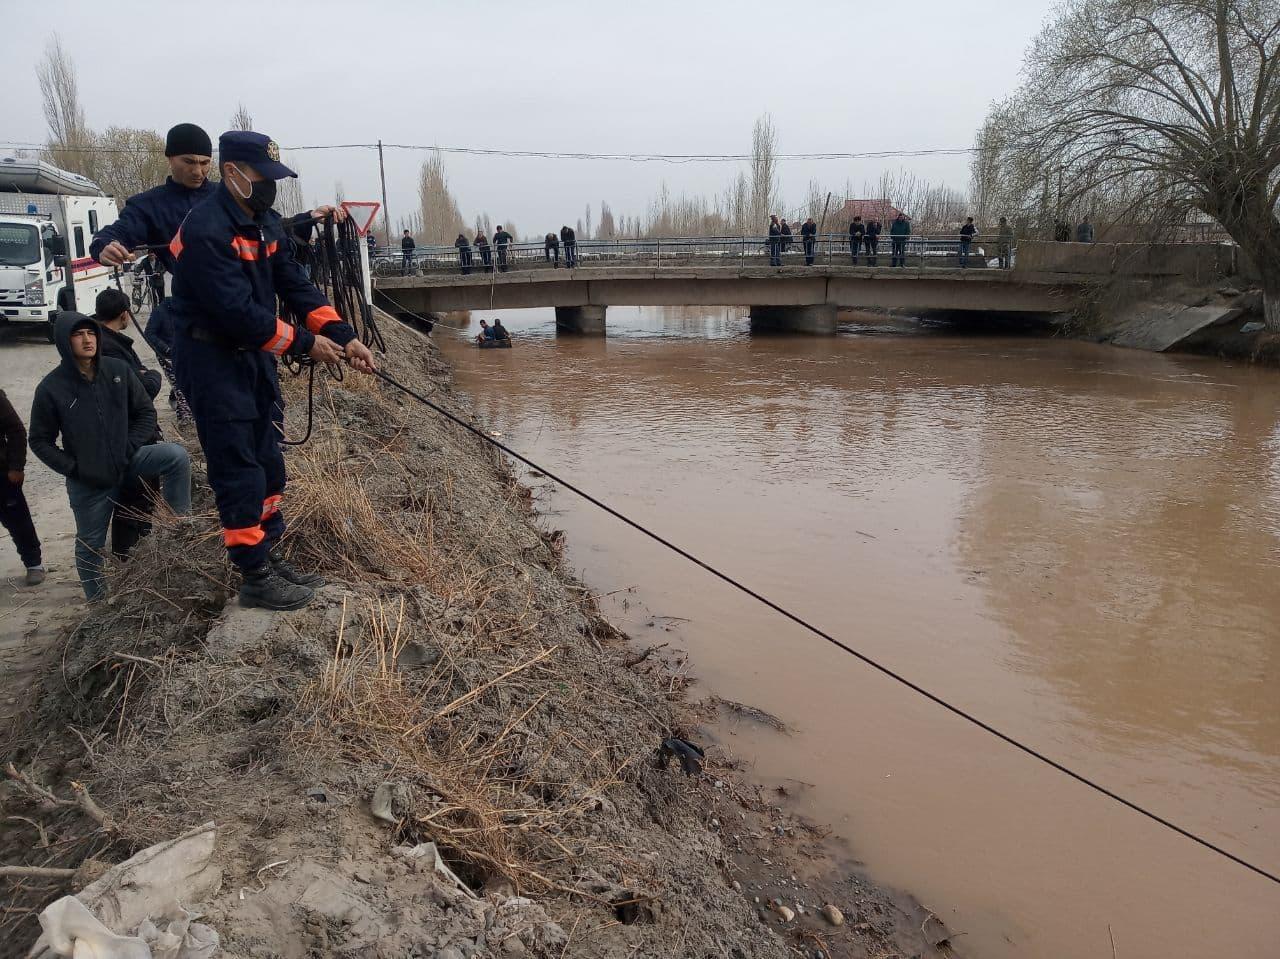 В МЧС раскрыли новые подробности об утонувшем шестикласснике в Большом Ферганском канале